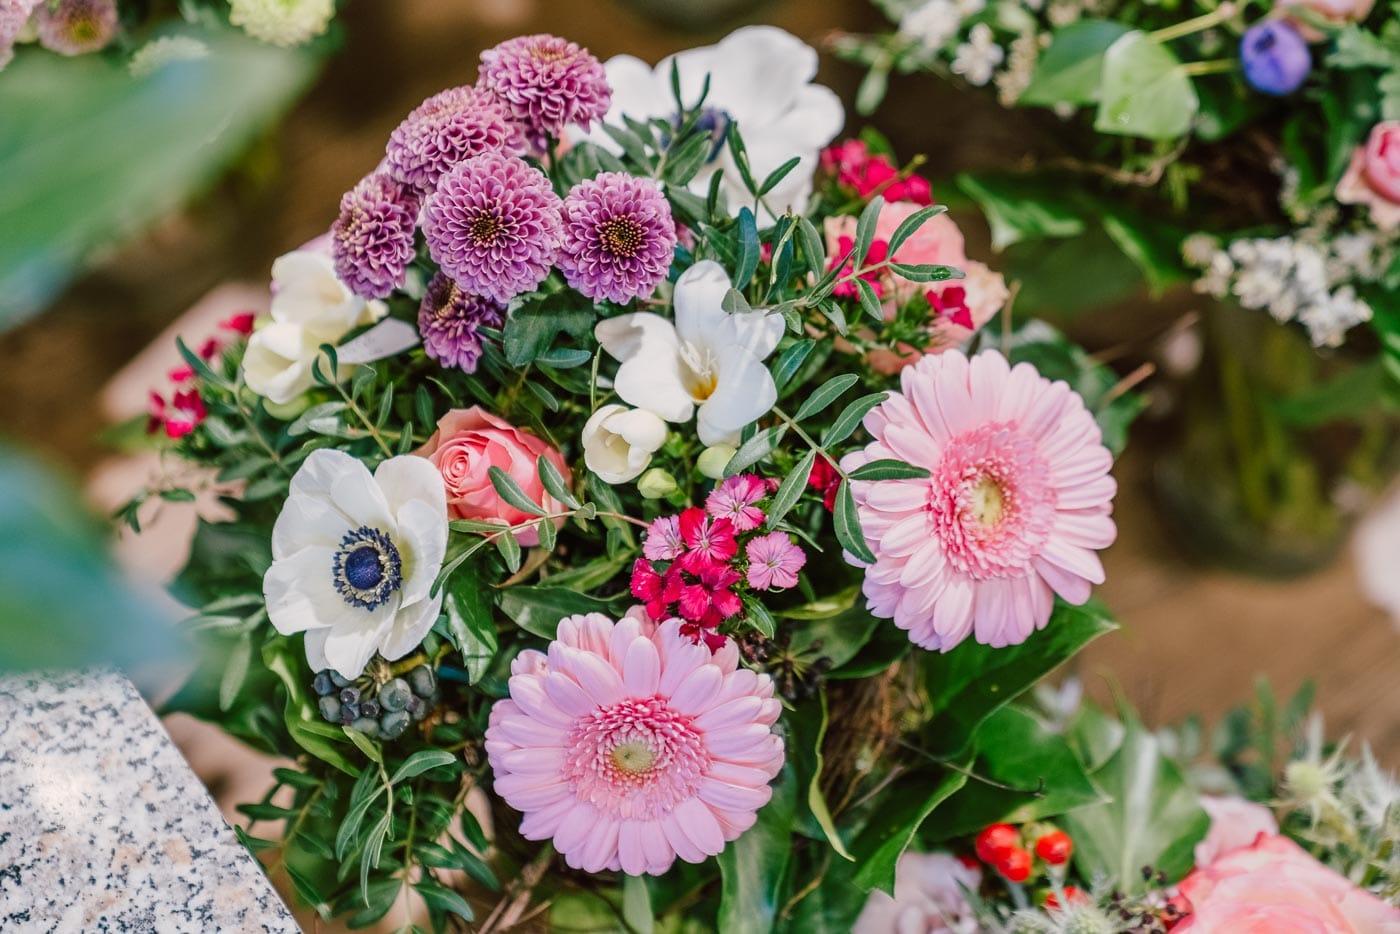 Blumen-Gaby-Strohmeier-straeusse-feb20-10